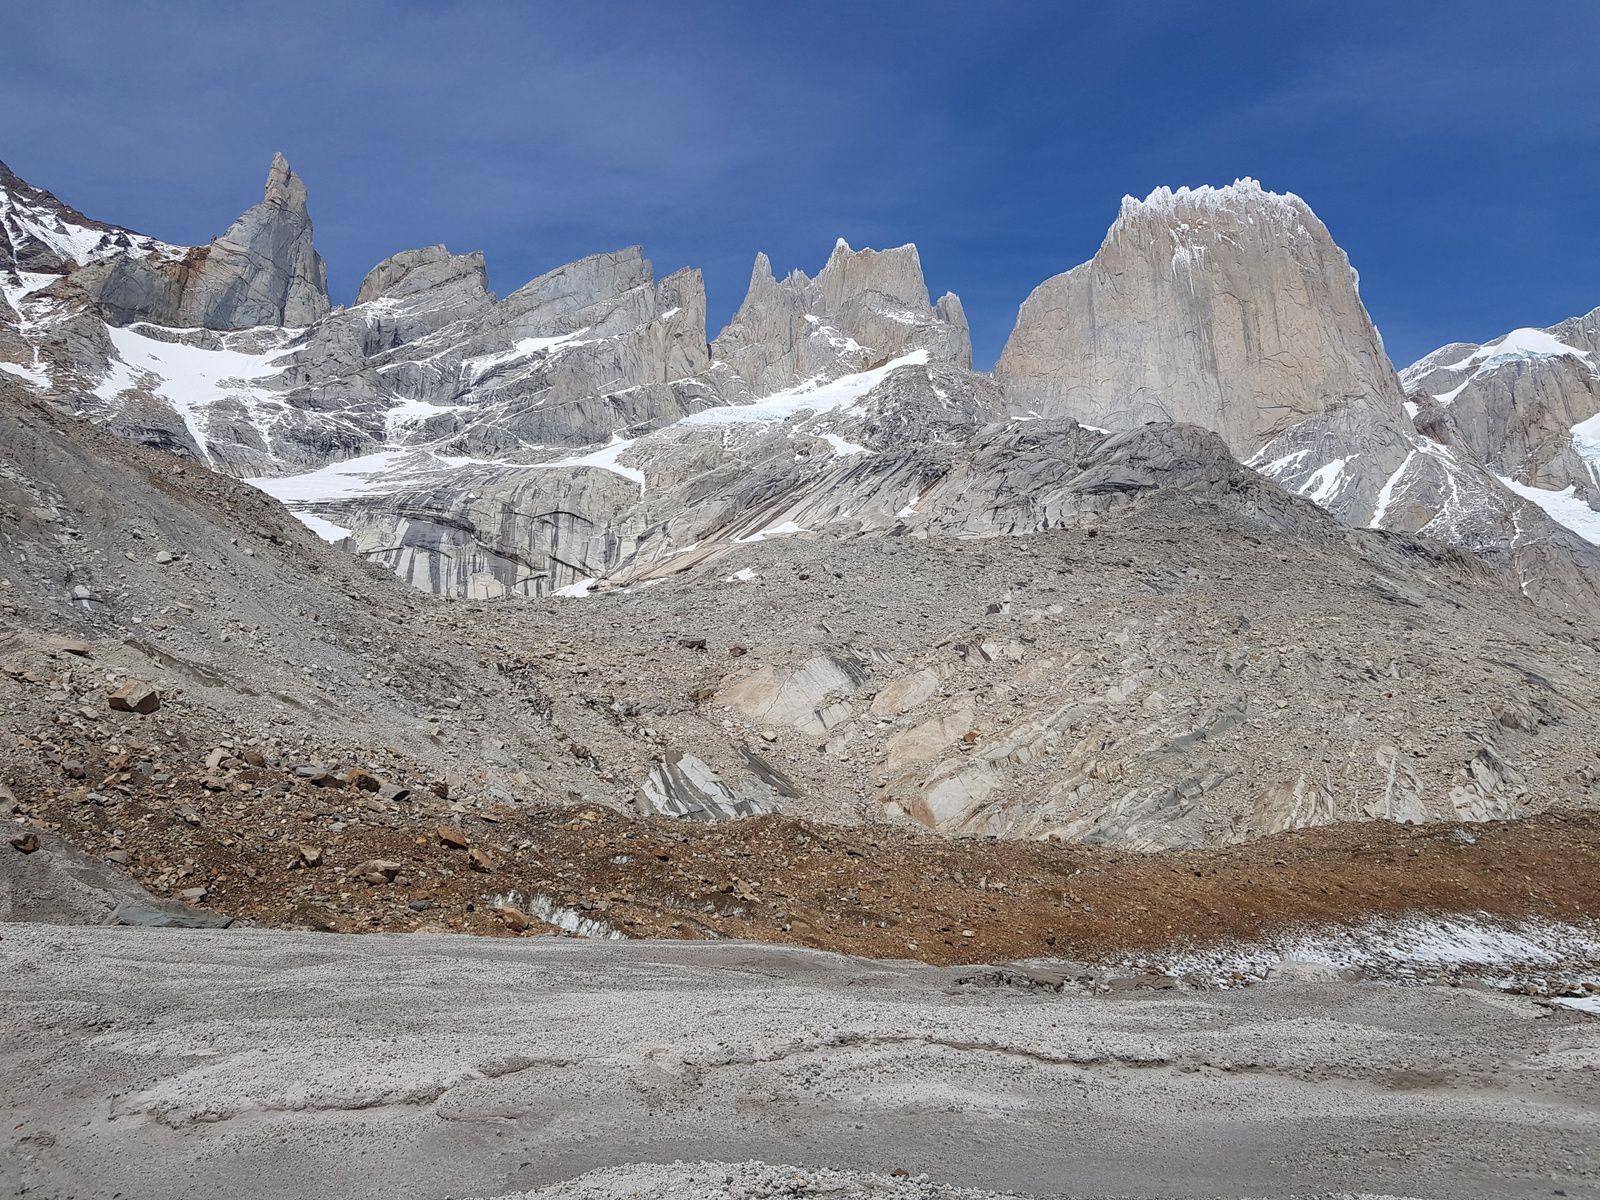 le Cerro Gran Gendarme et Cerro Pollone a droite. Pour se donner une idée des dimensions, la face fait 800m de haut